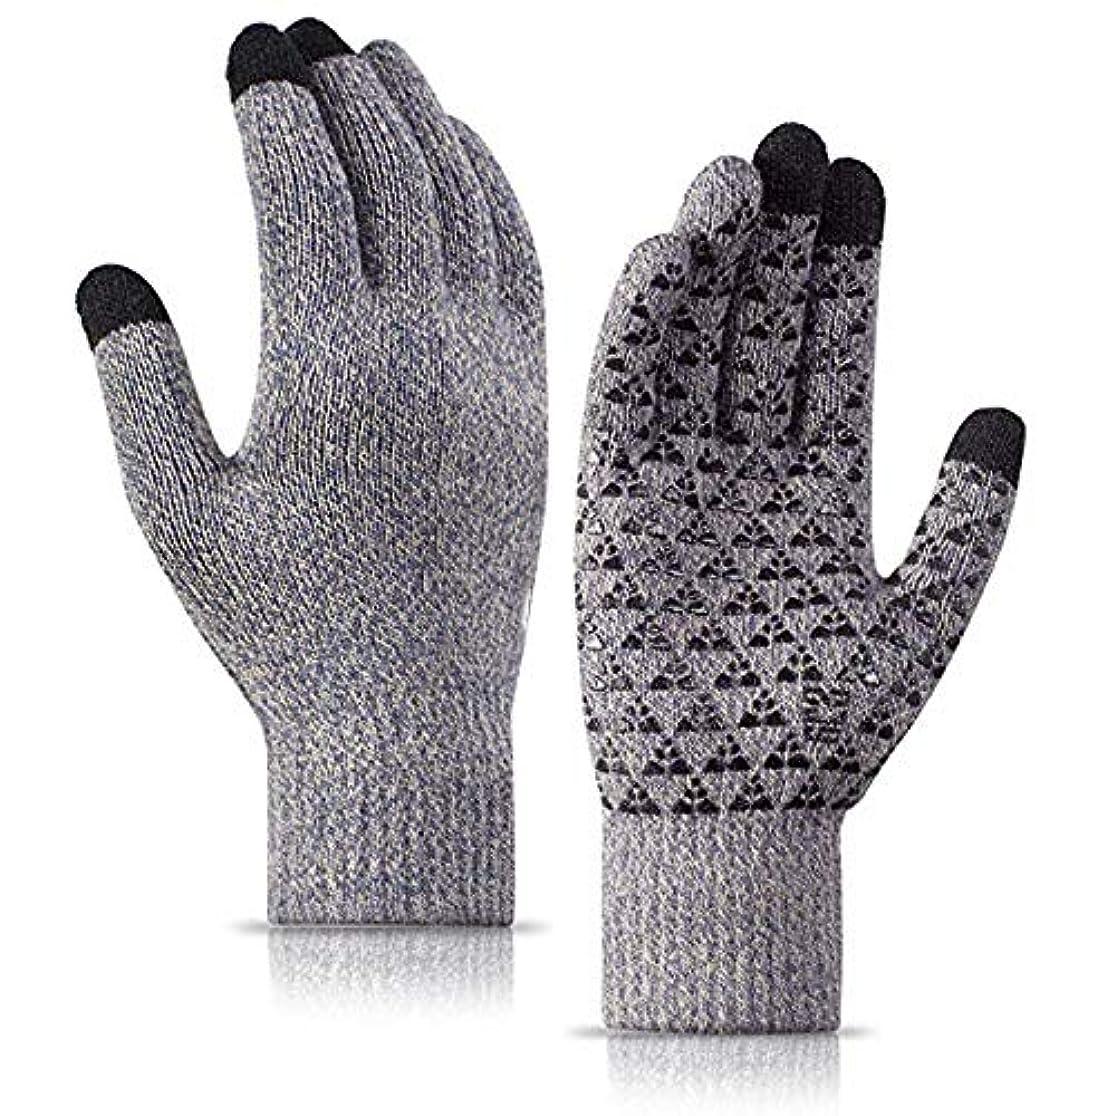 広大な注釈添加剤男性と女性のための冬の手袋 - ニットタッチスクリーンアンチスリップシリコーンゲル - 弾性カフ?? - サーマルソフトウールライニング - 伸縮性のある素材,グレー